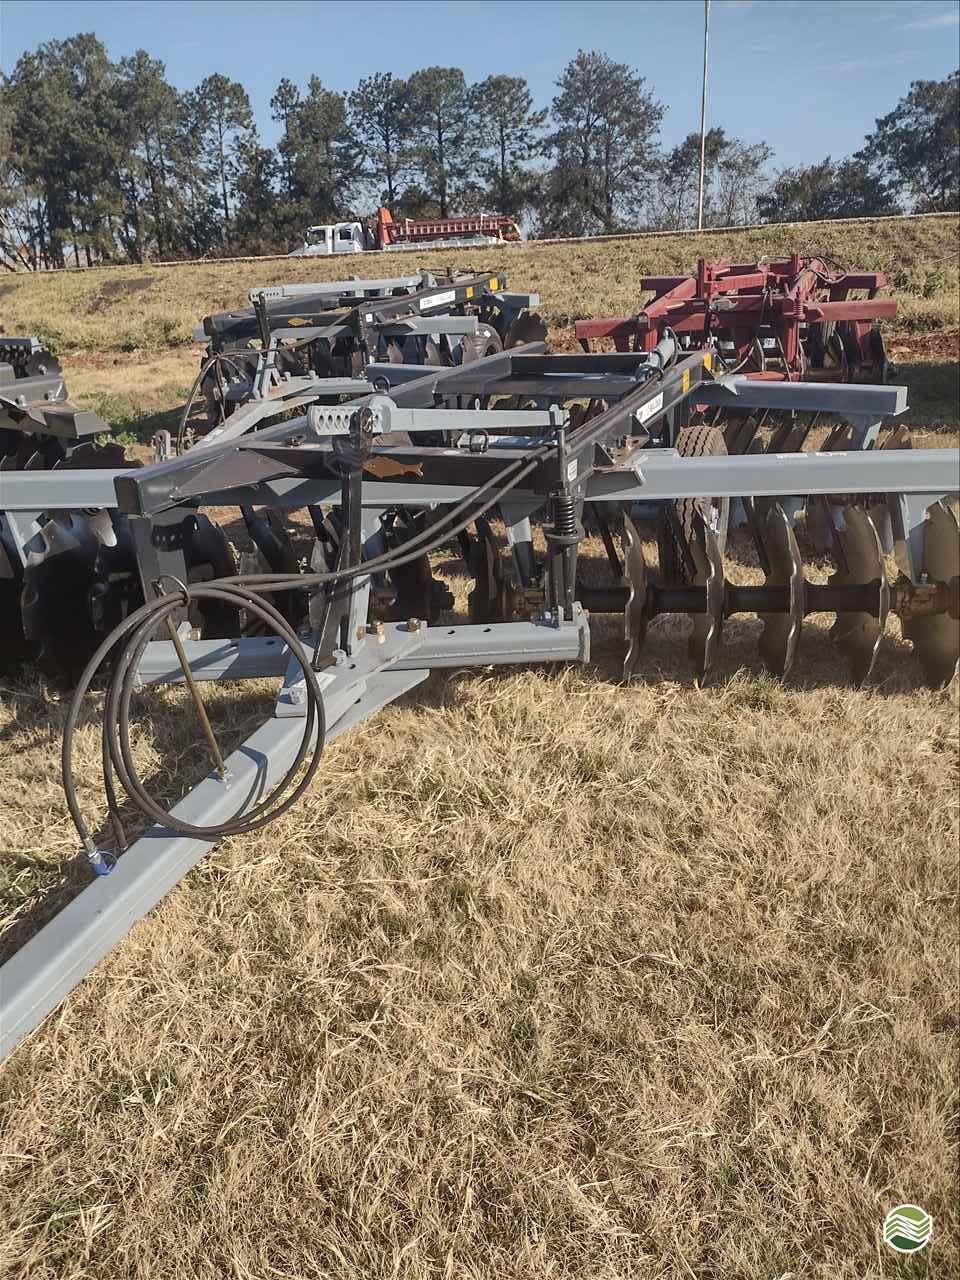 IMPLEMENTOS AGRICOLAS GRADE INTERMEDIÁRIA INTERMEDIÁRIA 28 DISCOS Precilo Máquinas PONTA PORA MATO GROSSO DO SUL MS